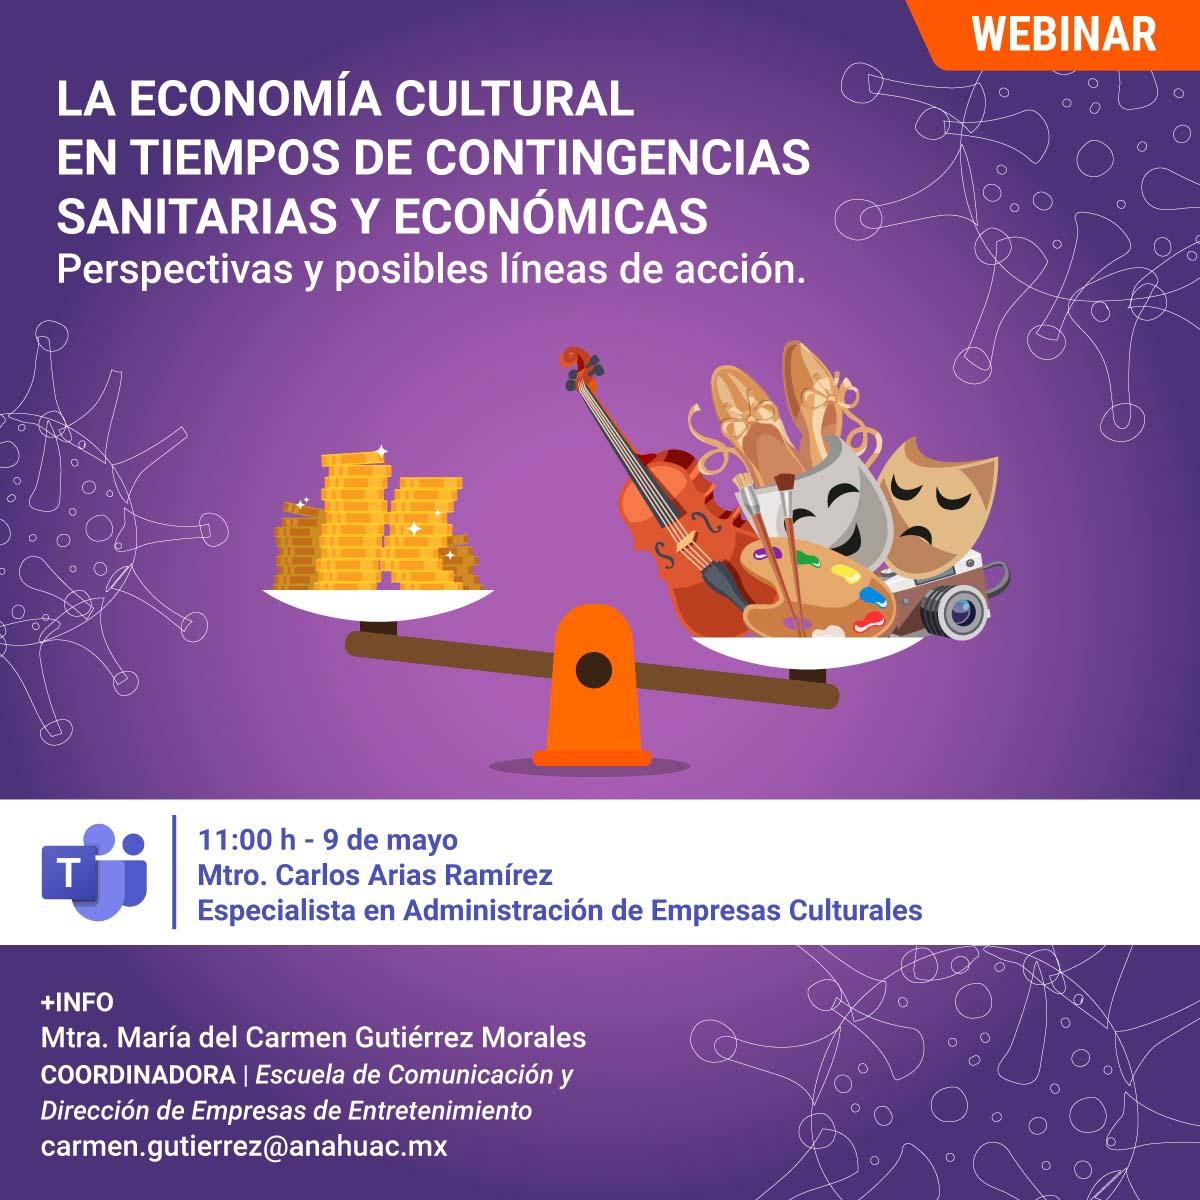 La Economía Cultural en Tiempos de Contingencias Sanitarias y Económicas